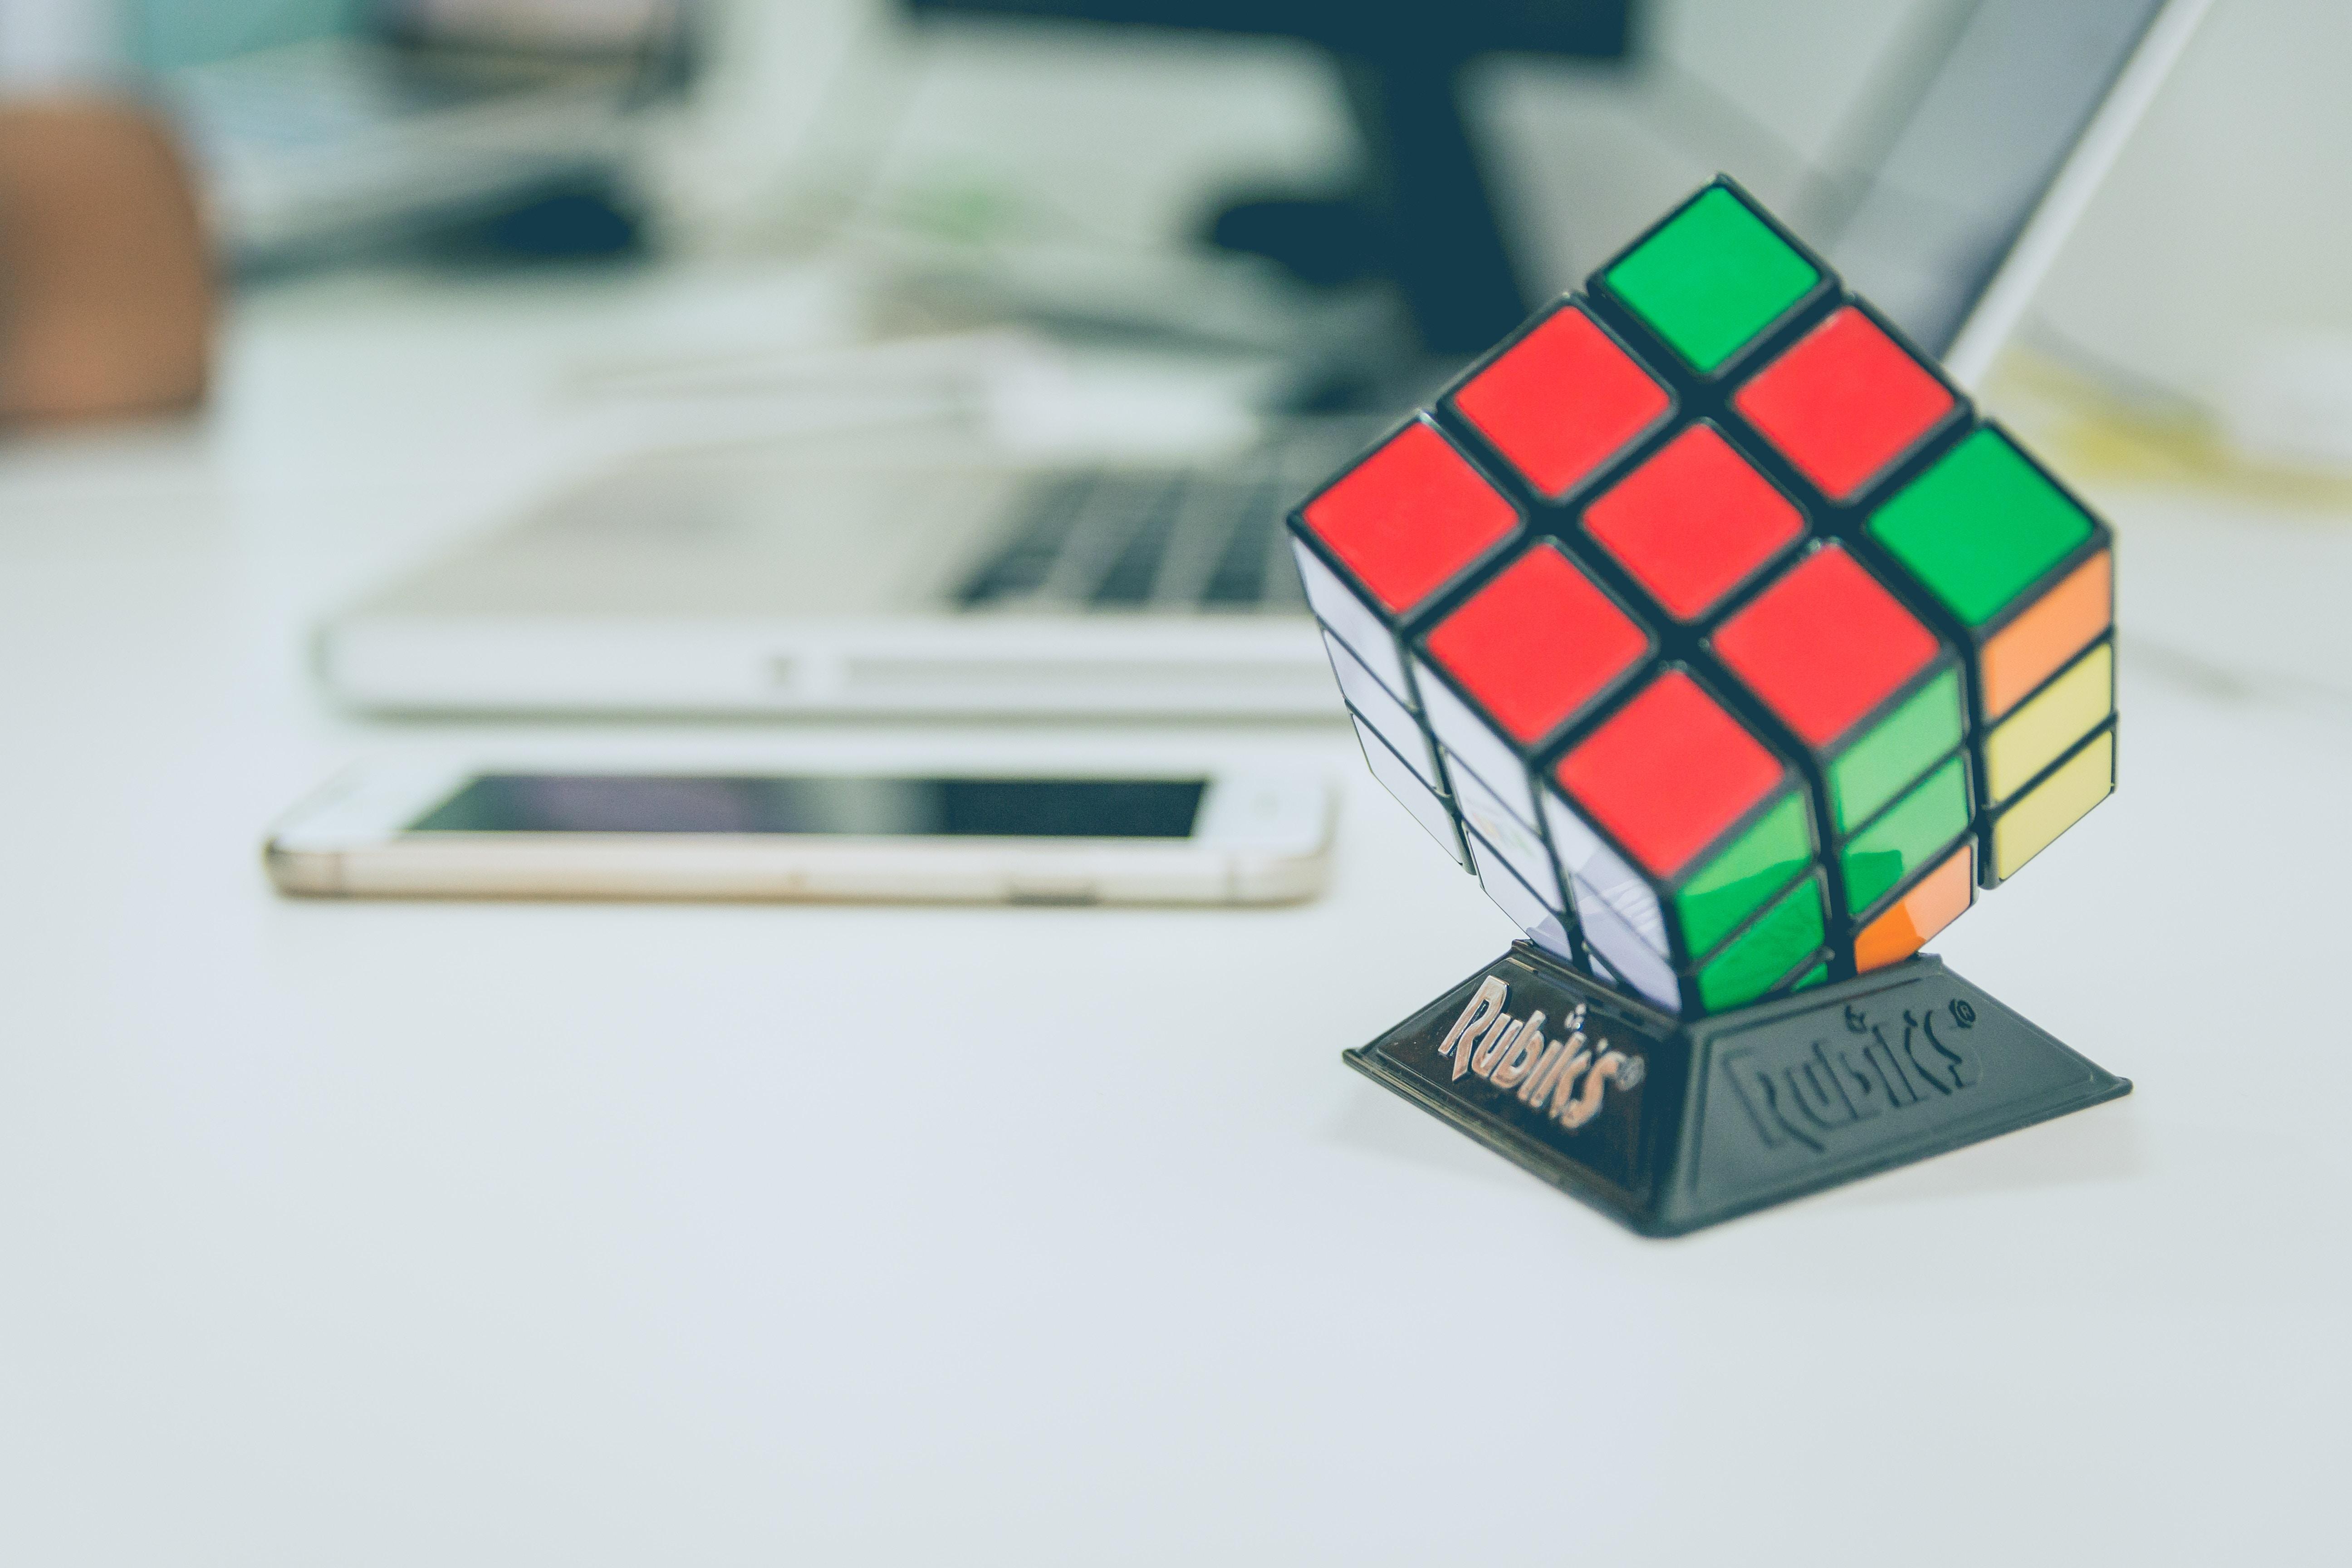 estrategia marketing  cubo rubix tablero comandos campaña plan marketing.jpg